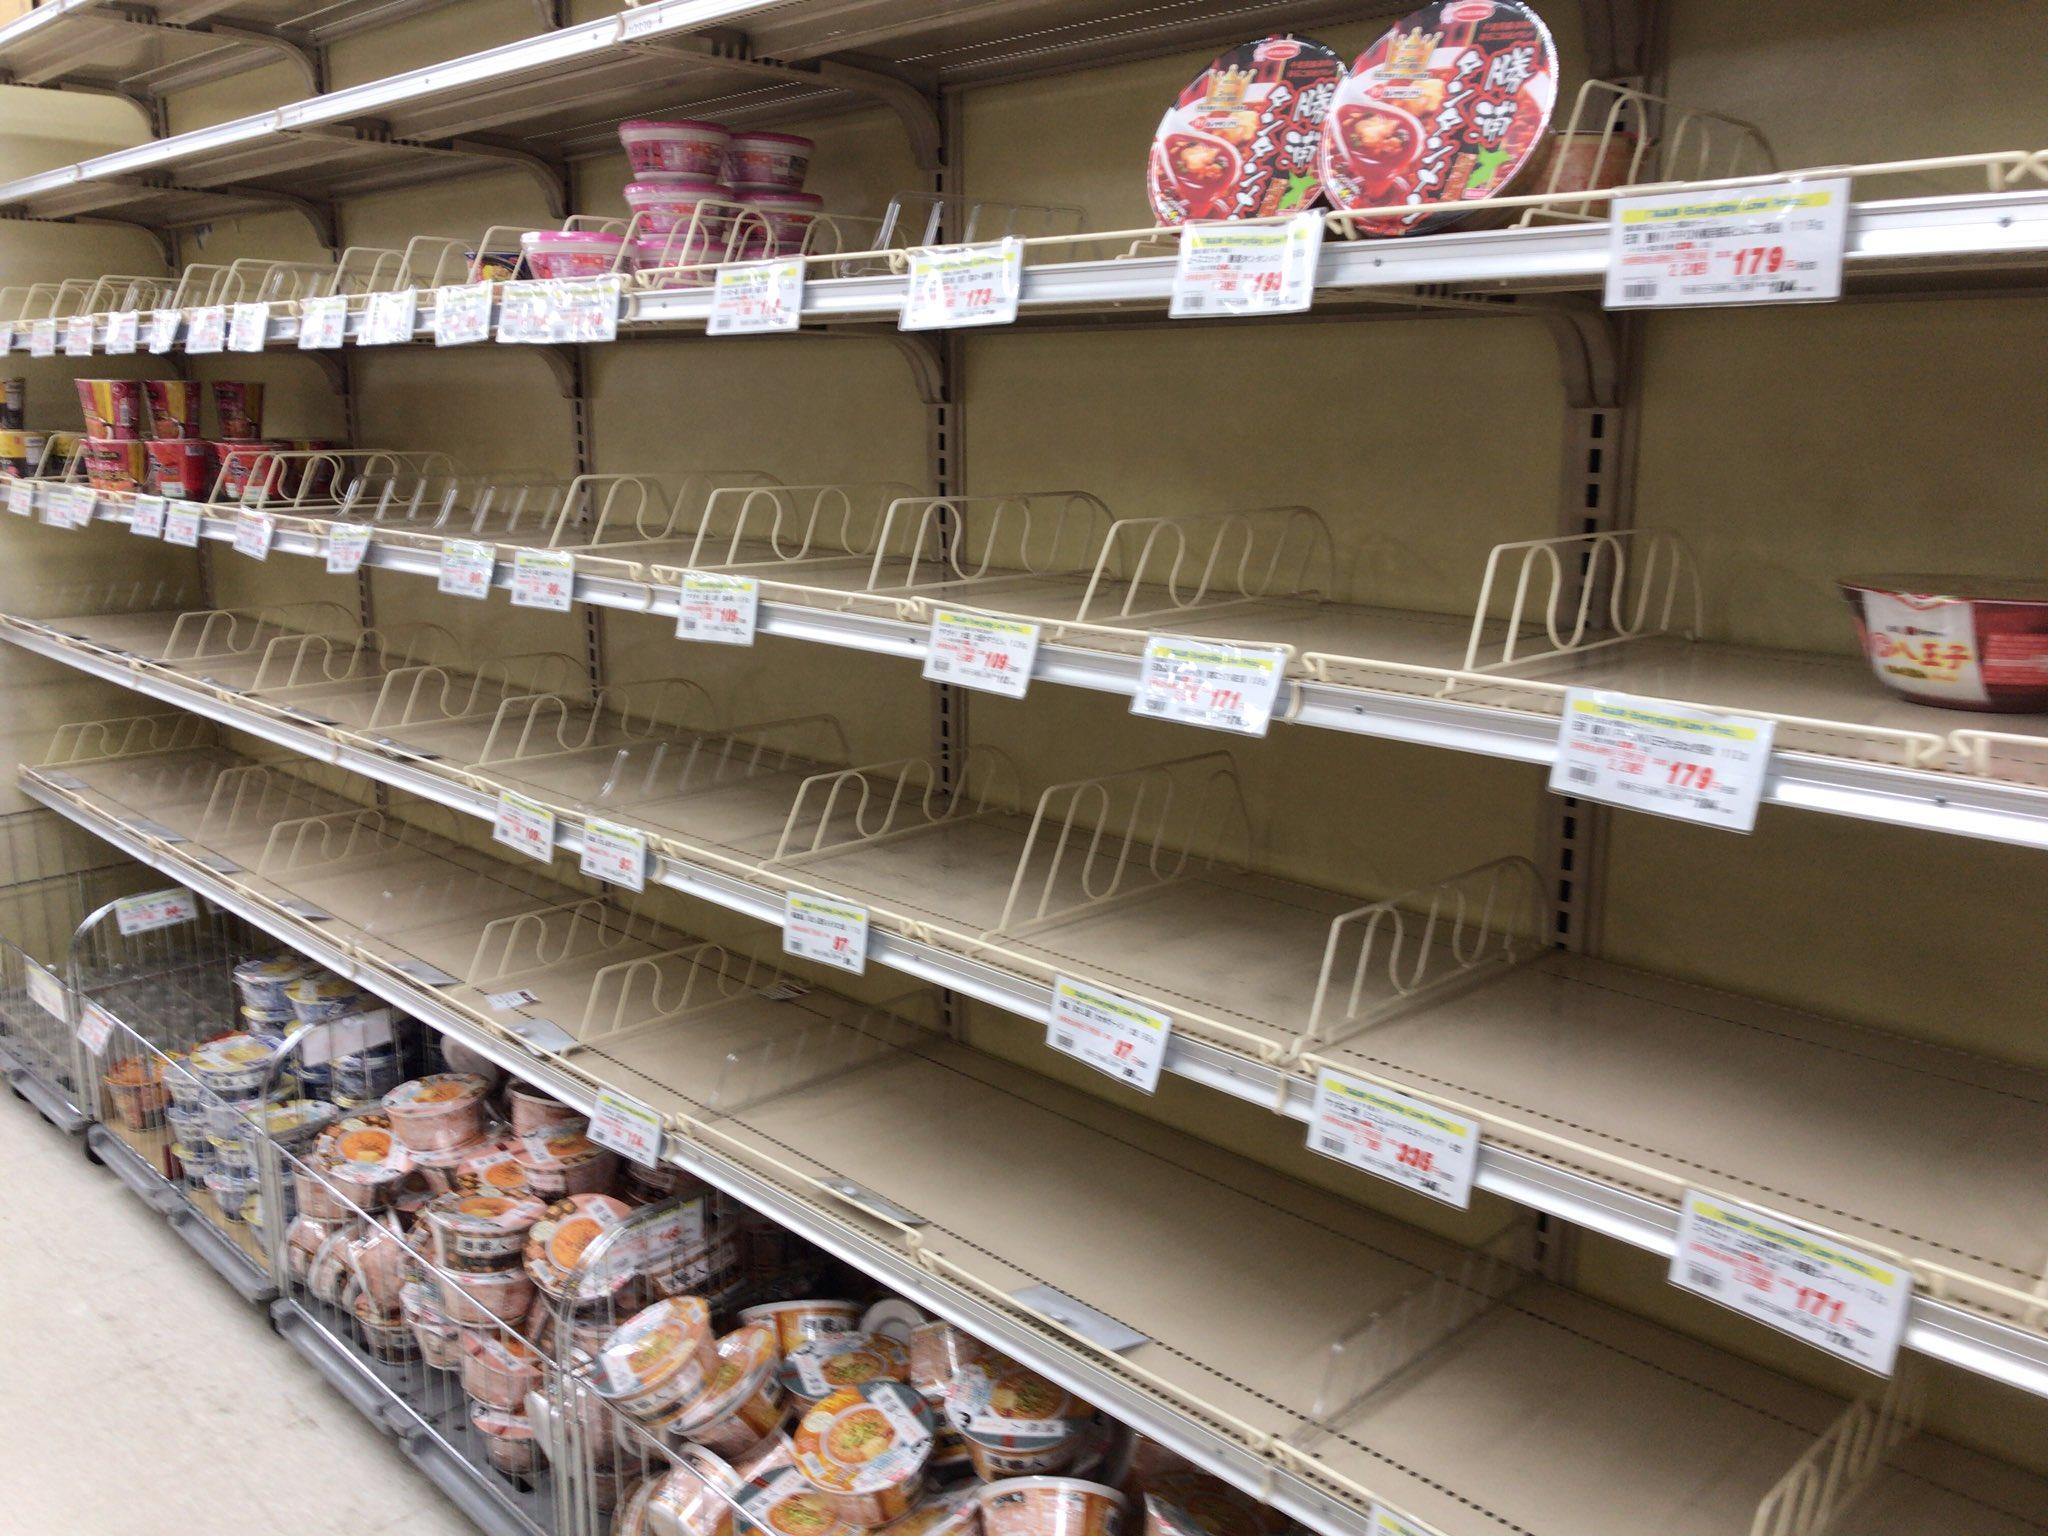 画像,仕事に戻る前に、スーパーに行ってみようとしたら… この状況です。水はない、パンもない、カップ麺もだいぶなくなってる。台風に気をつけて… https://t.co…